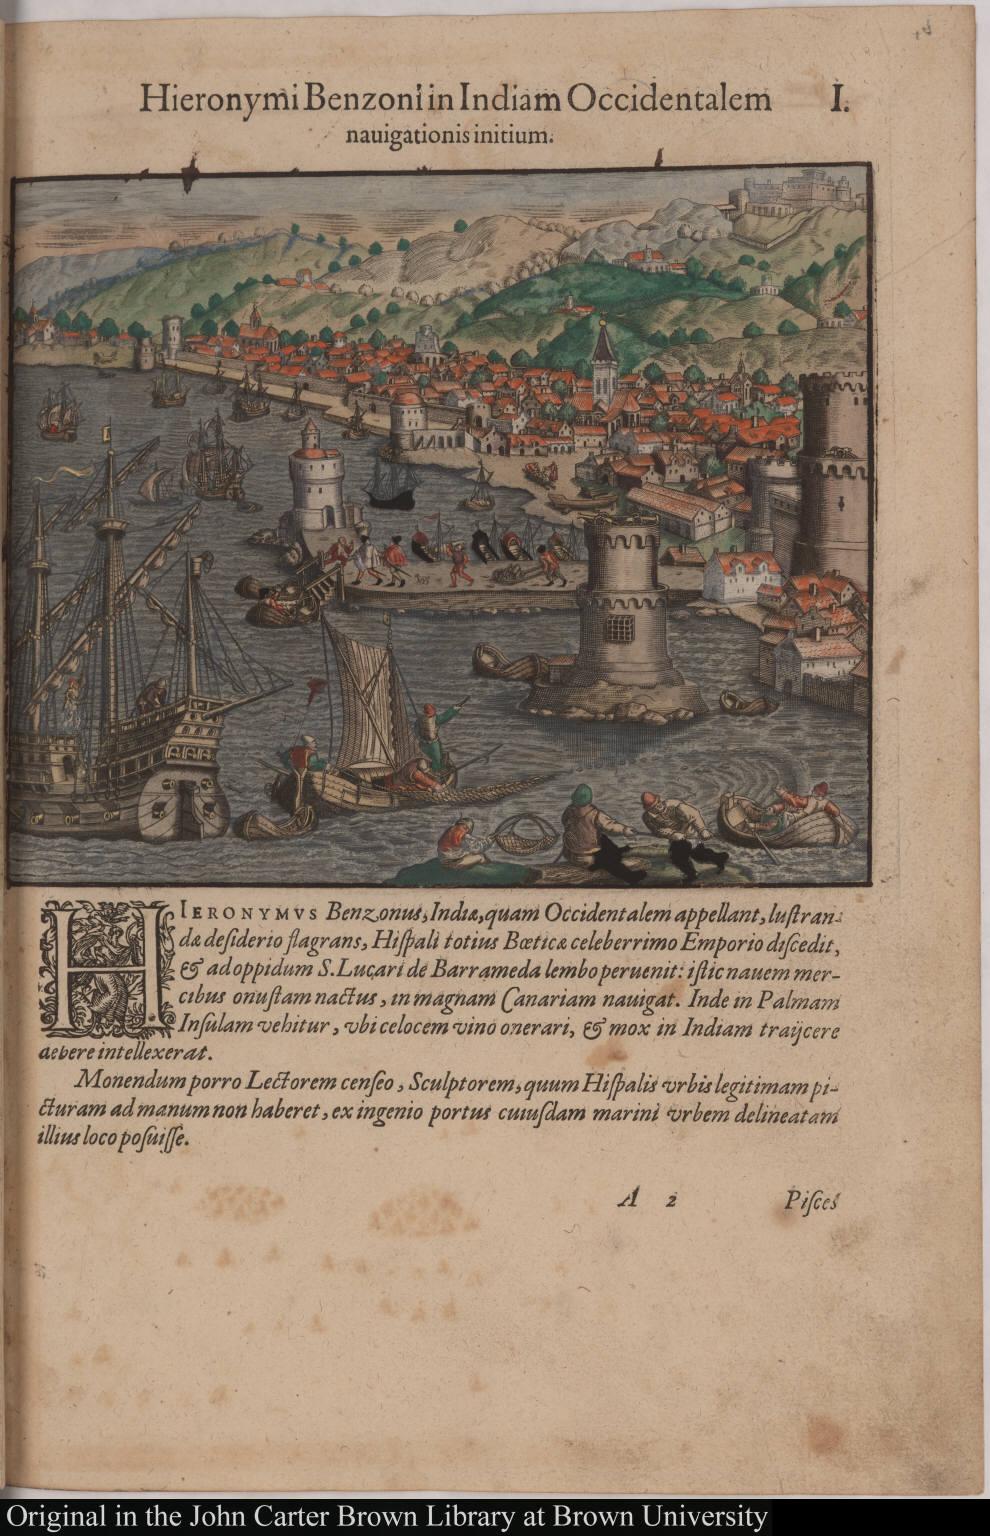 Hieronymi Benzoni in Indiam Occidentalem navigationis initium.